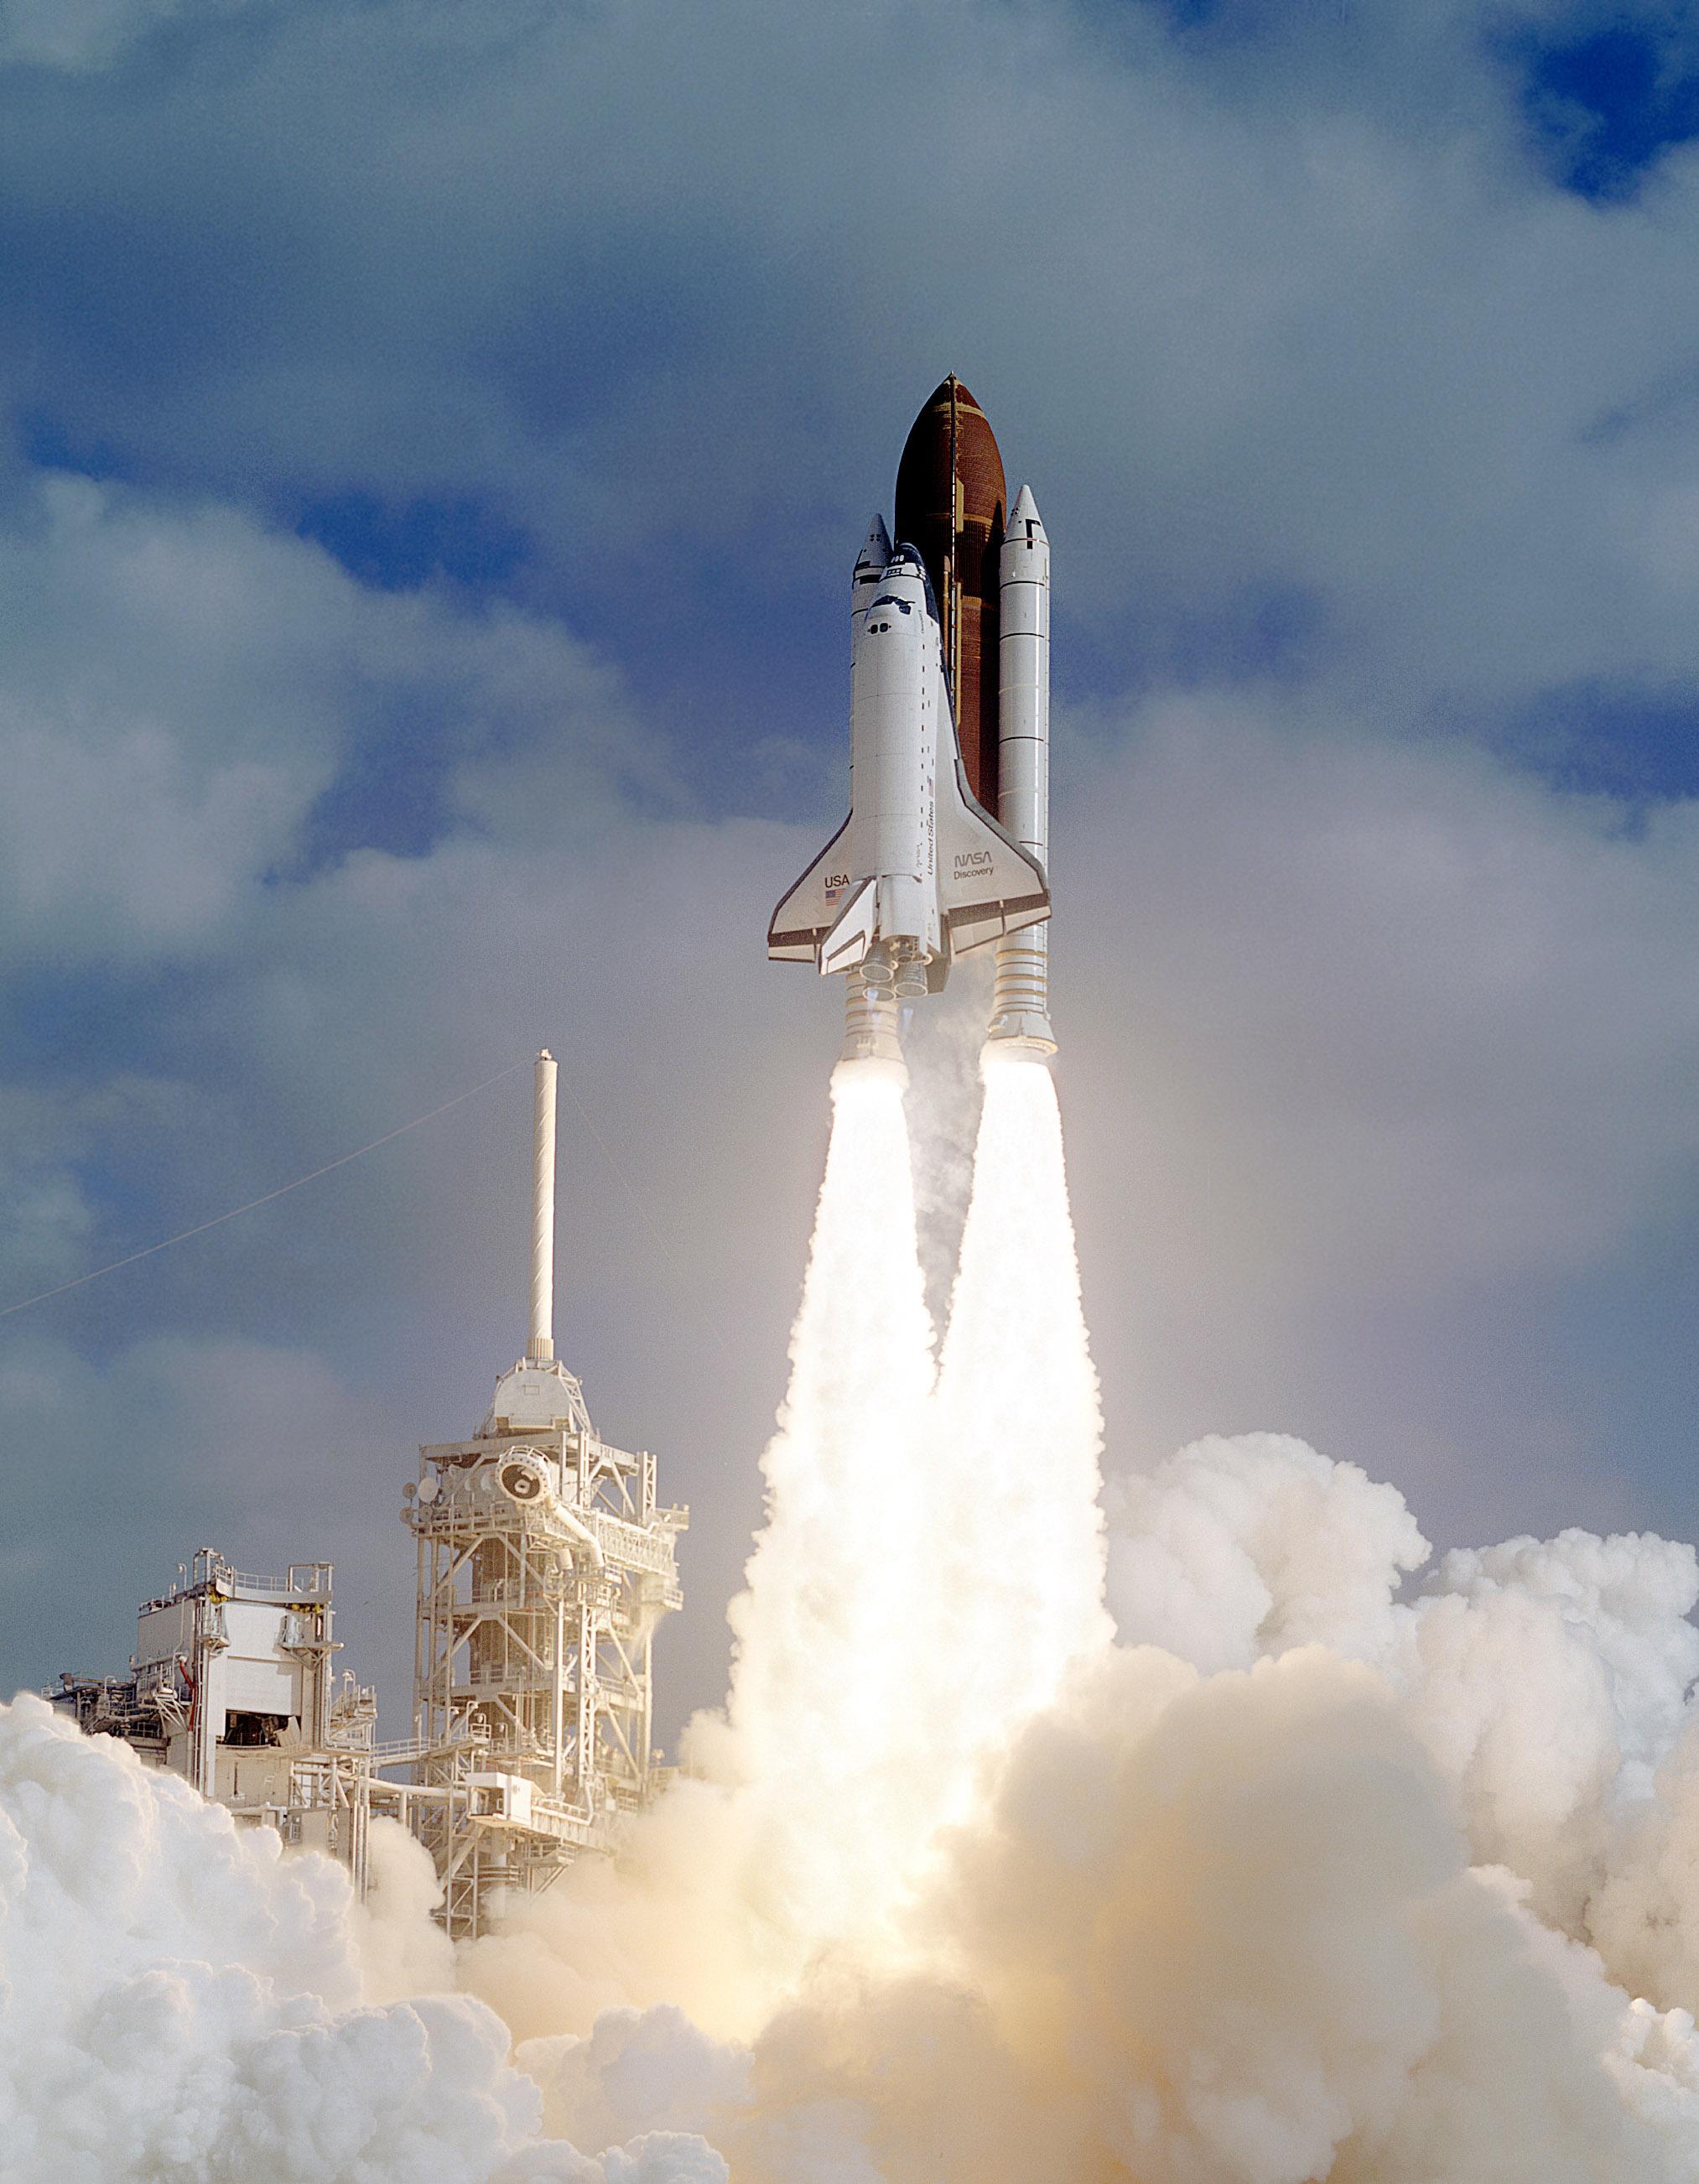 Космический телескоп Хаббл (статья плюс ролик) - 3